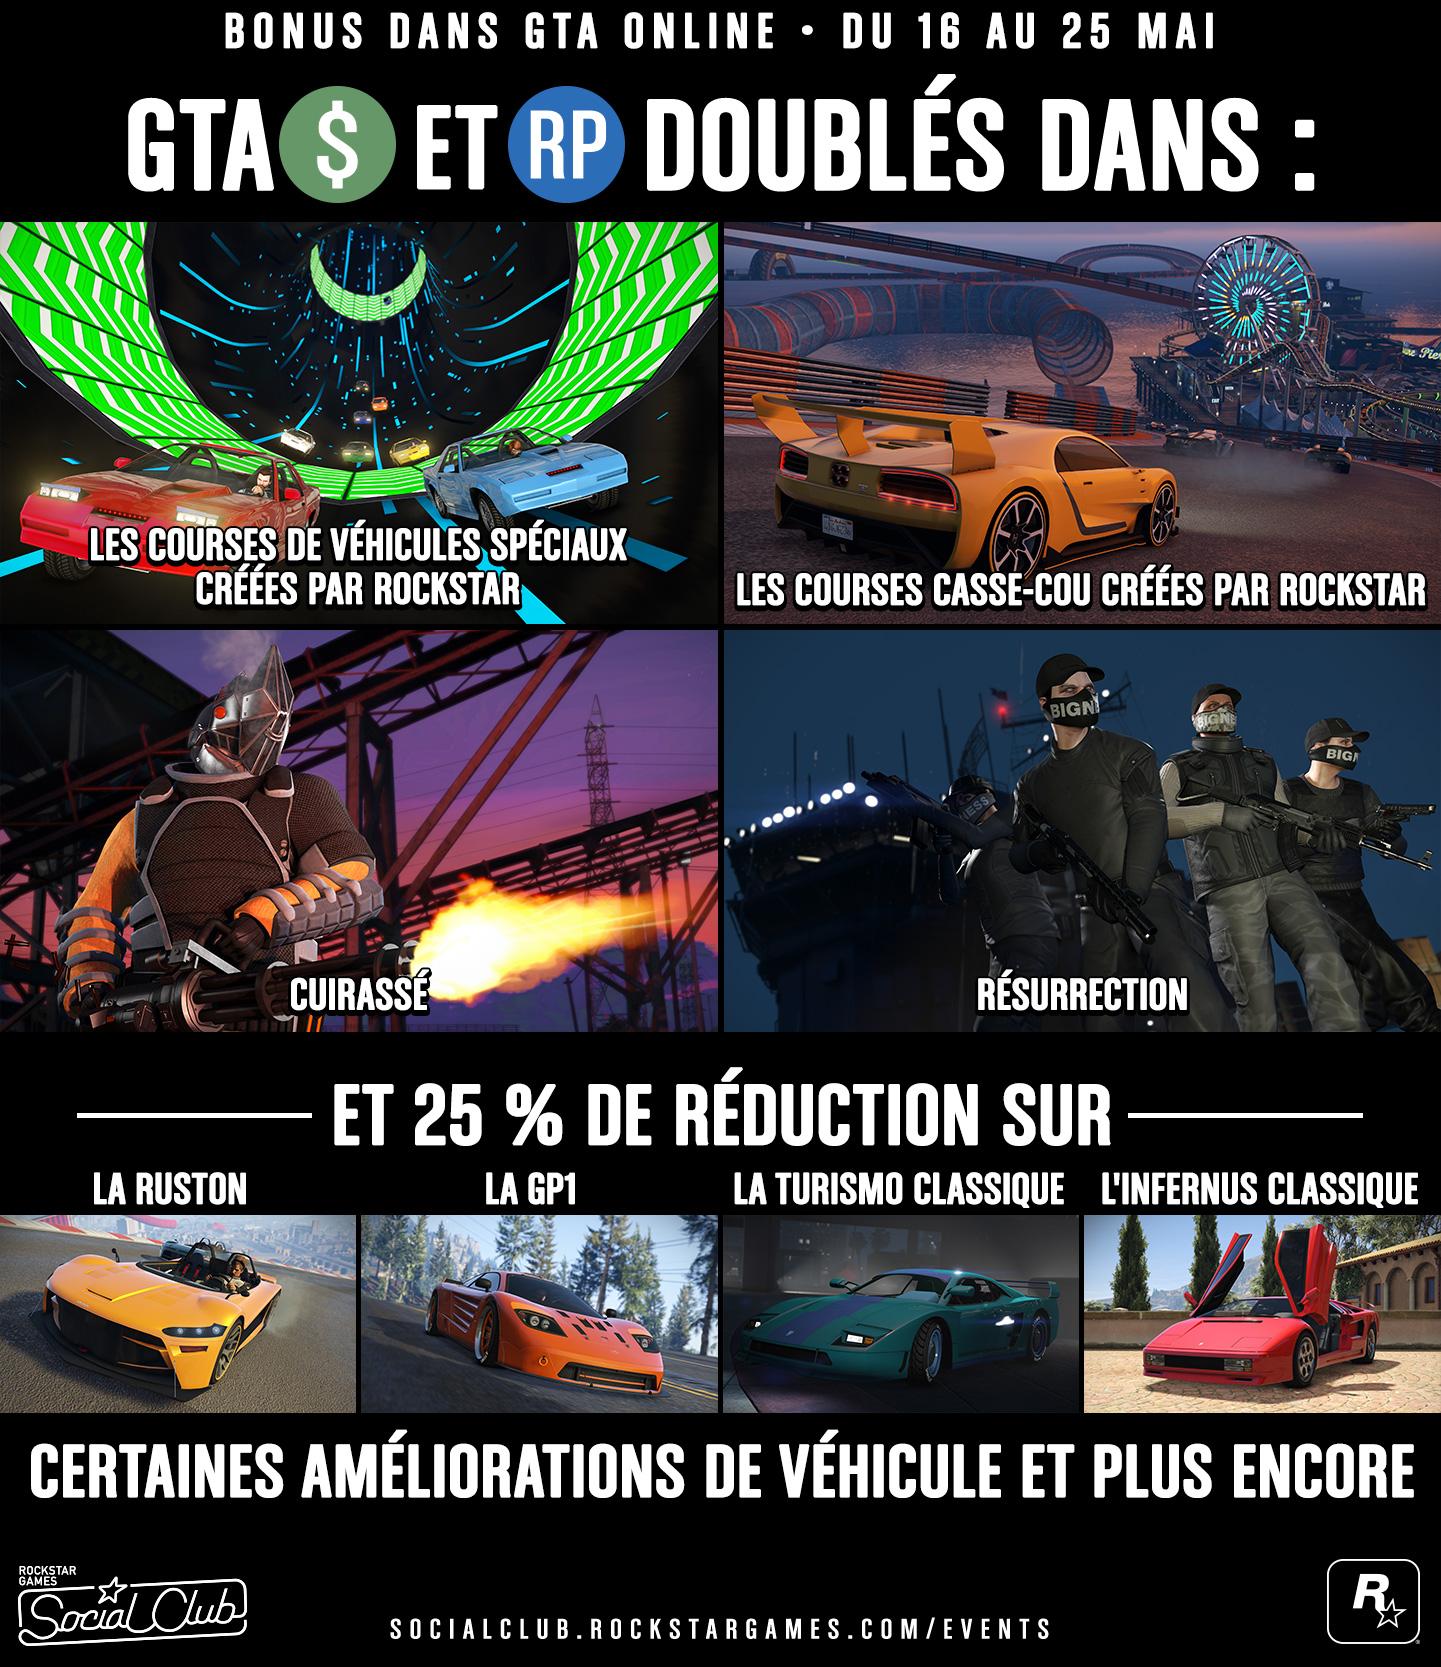 GTA Online - Courses Casse Cou et mode Cuirassé et Résurrection doublés !